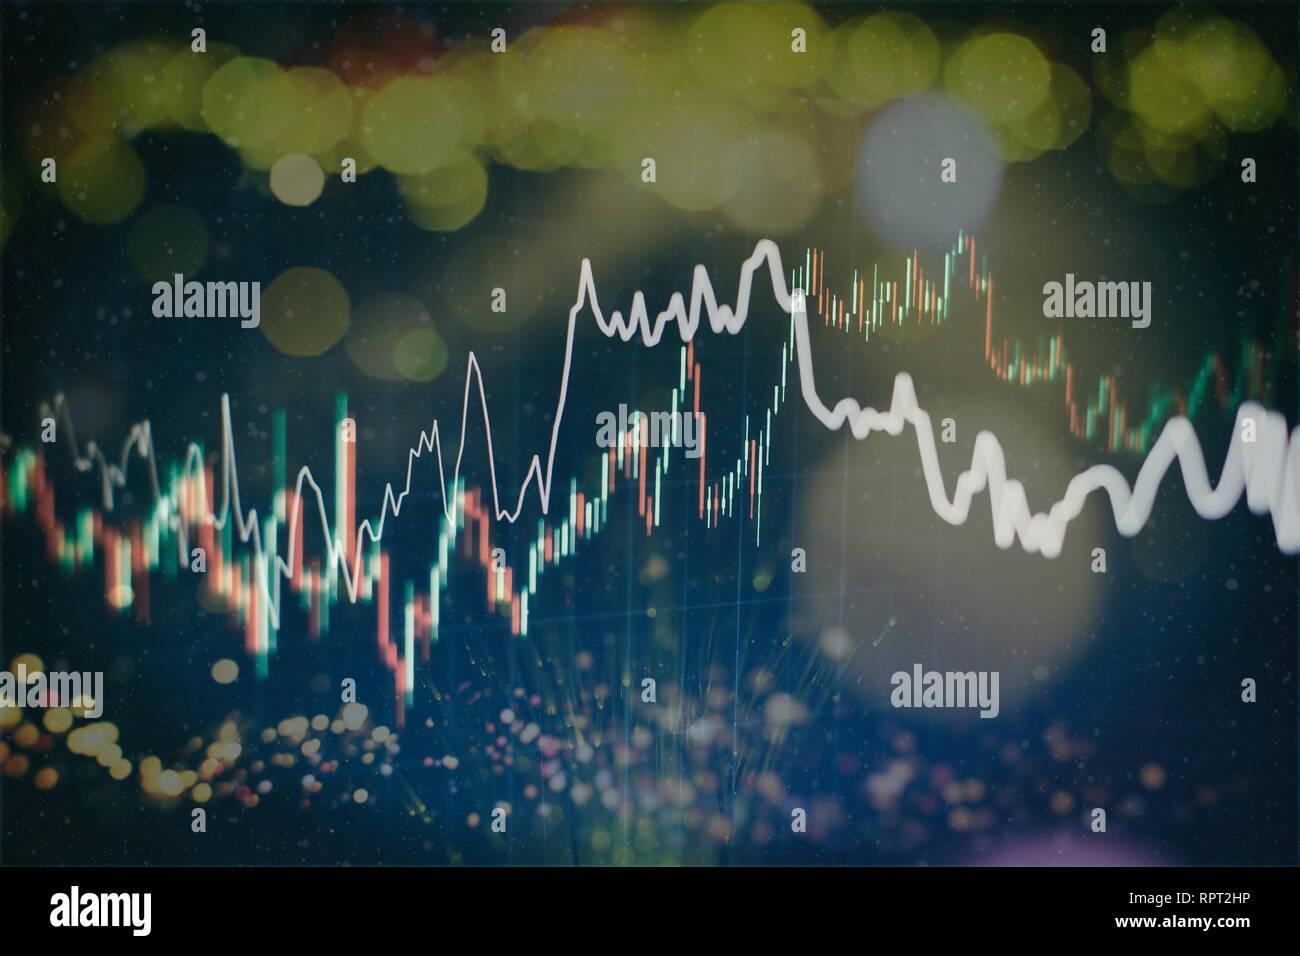 Résumé fond d'interface graphique forex rougeoyant. L'investissement, du commerce, des finances et de l'analyse de stock, concept. Banque D'Images